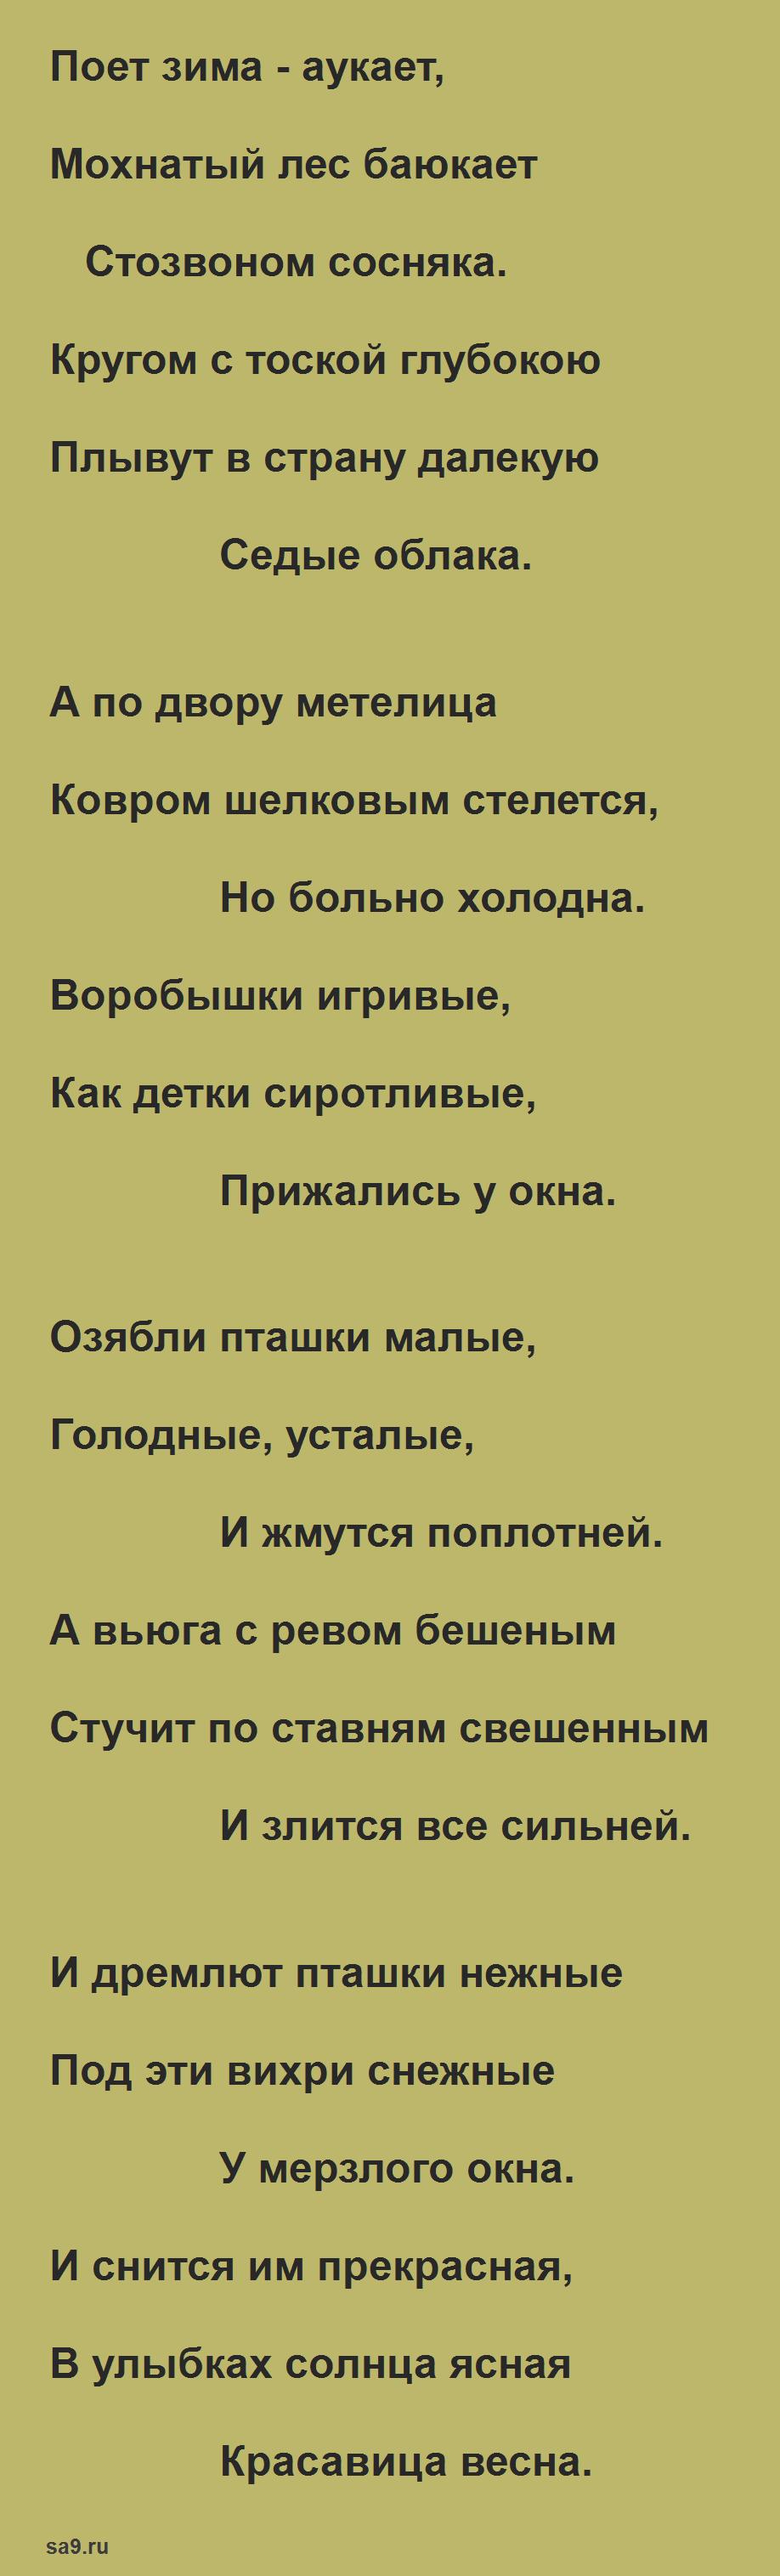 Стих - Поет зима, аукает, Есенин